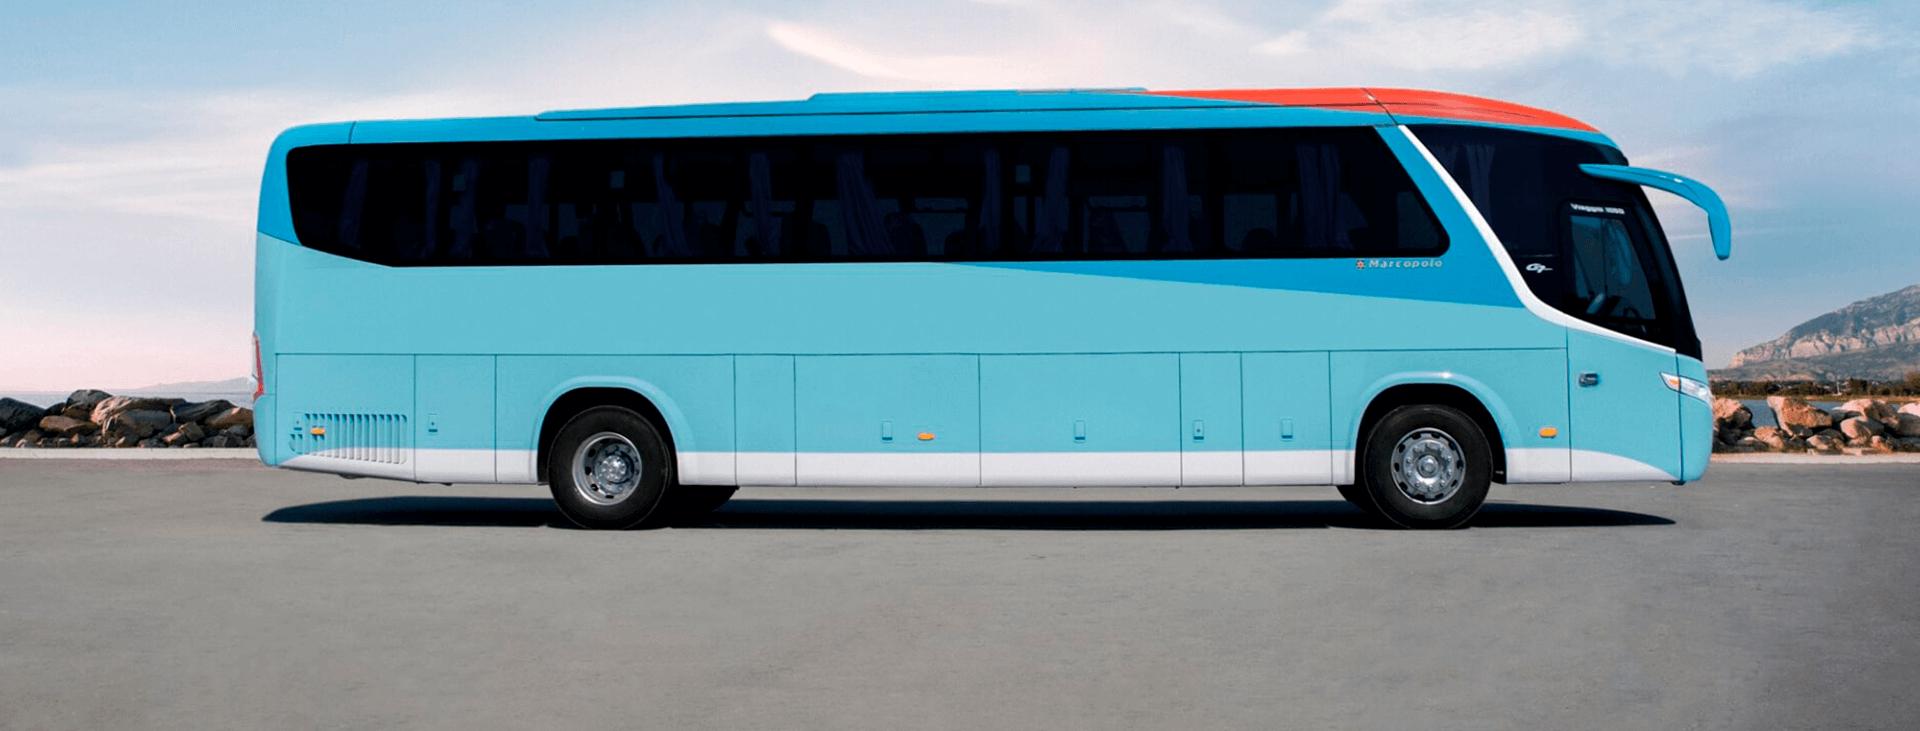 Transporte Viaggio 1050